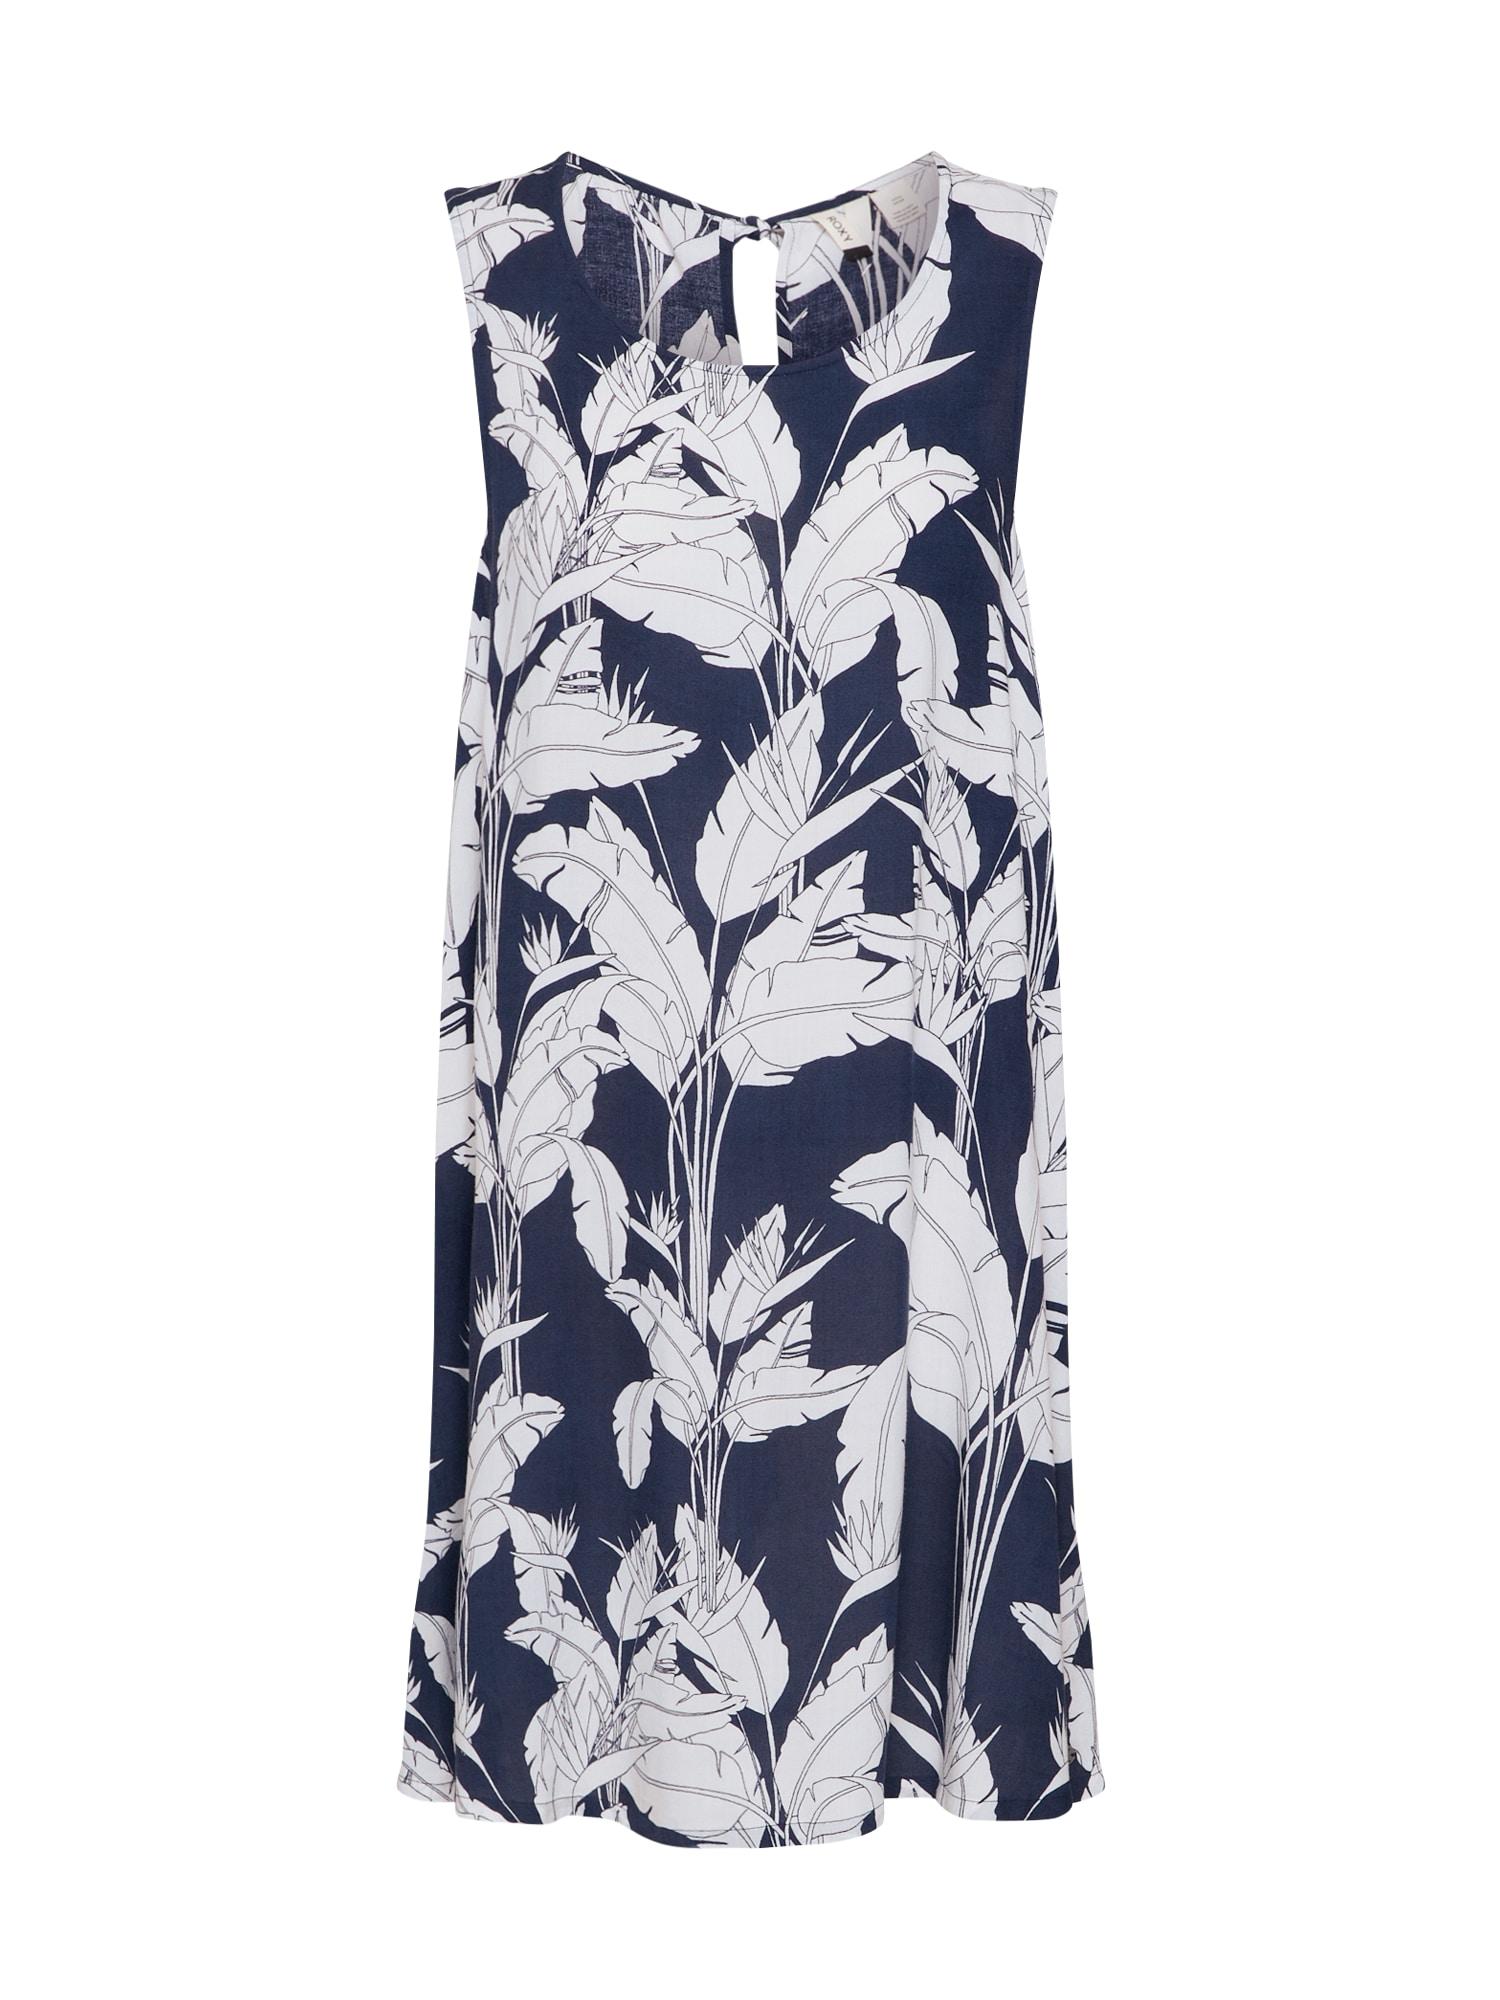 ROXY Letné šaty 'TRANQUILITY VIBES'  biela / modré